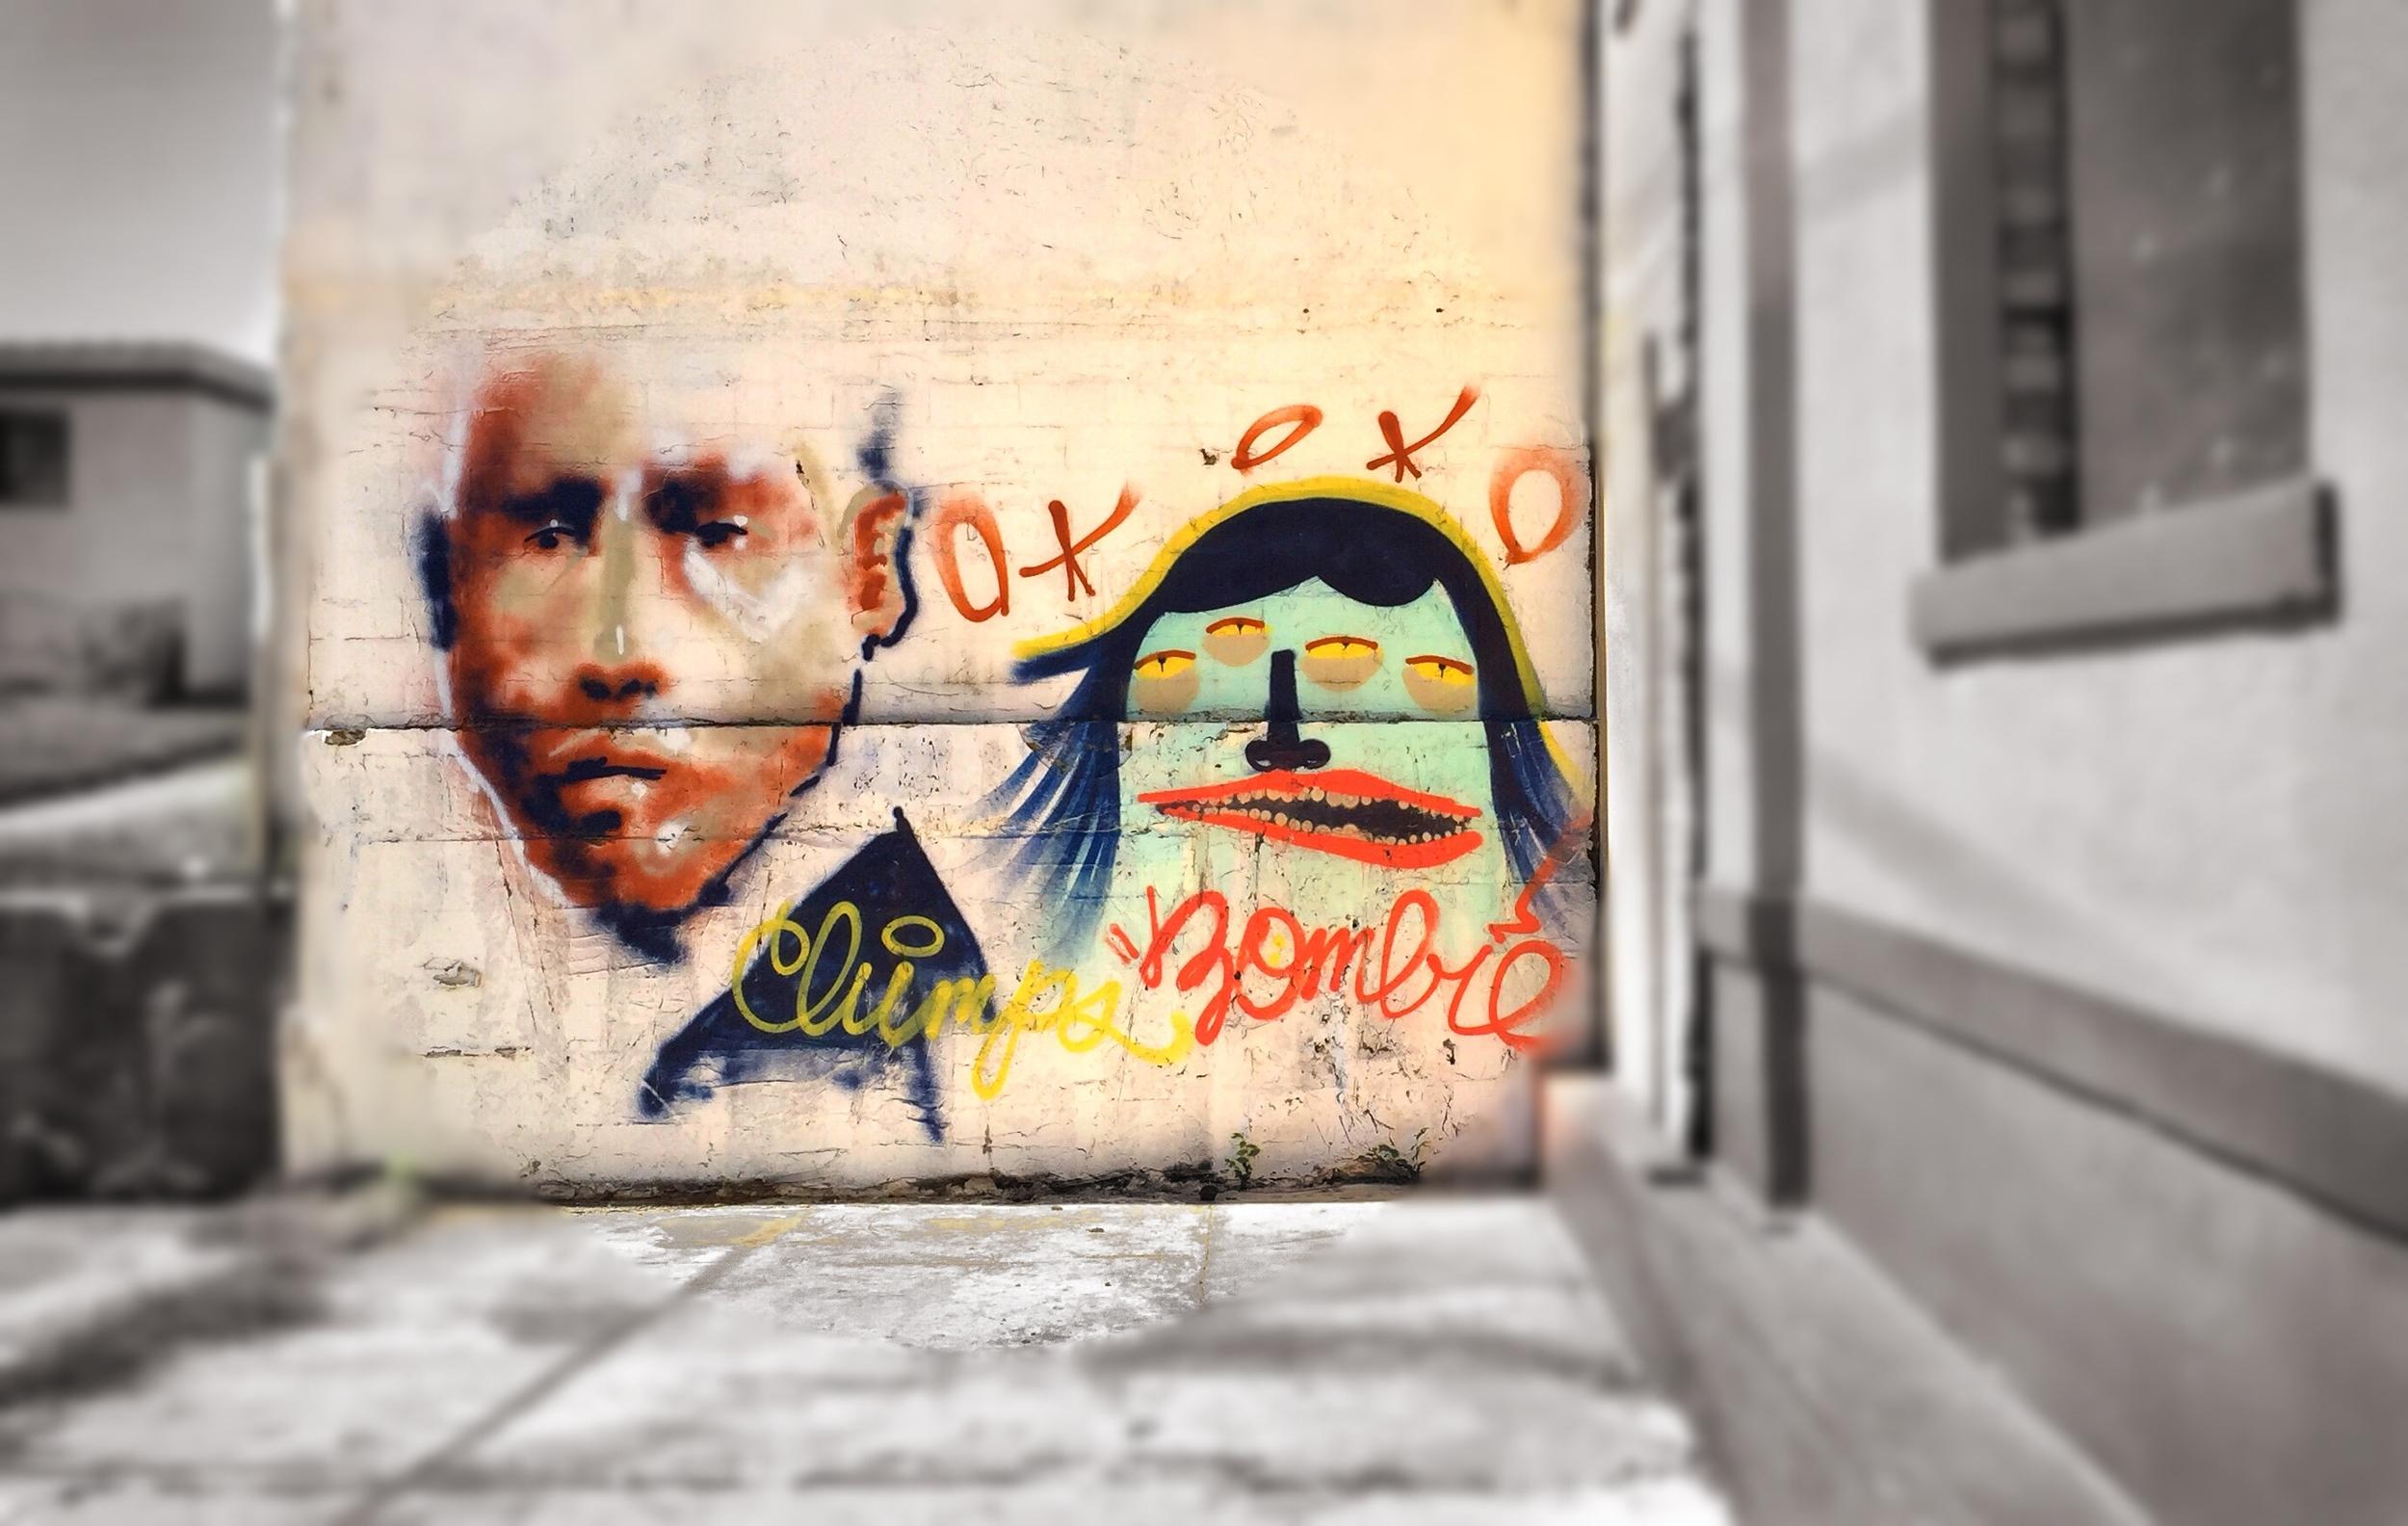 bobby-on-drums-mural-jeremy-joel-jay-wilkinson-walls-that-talk.jpg